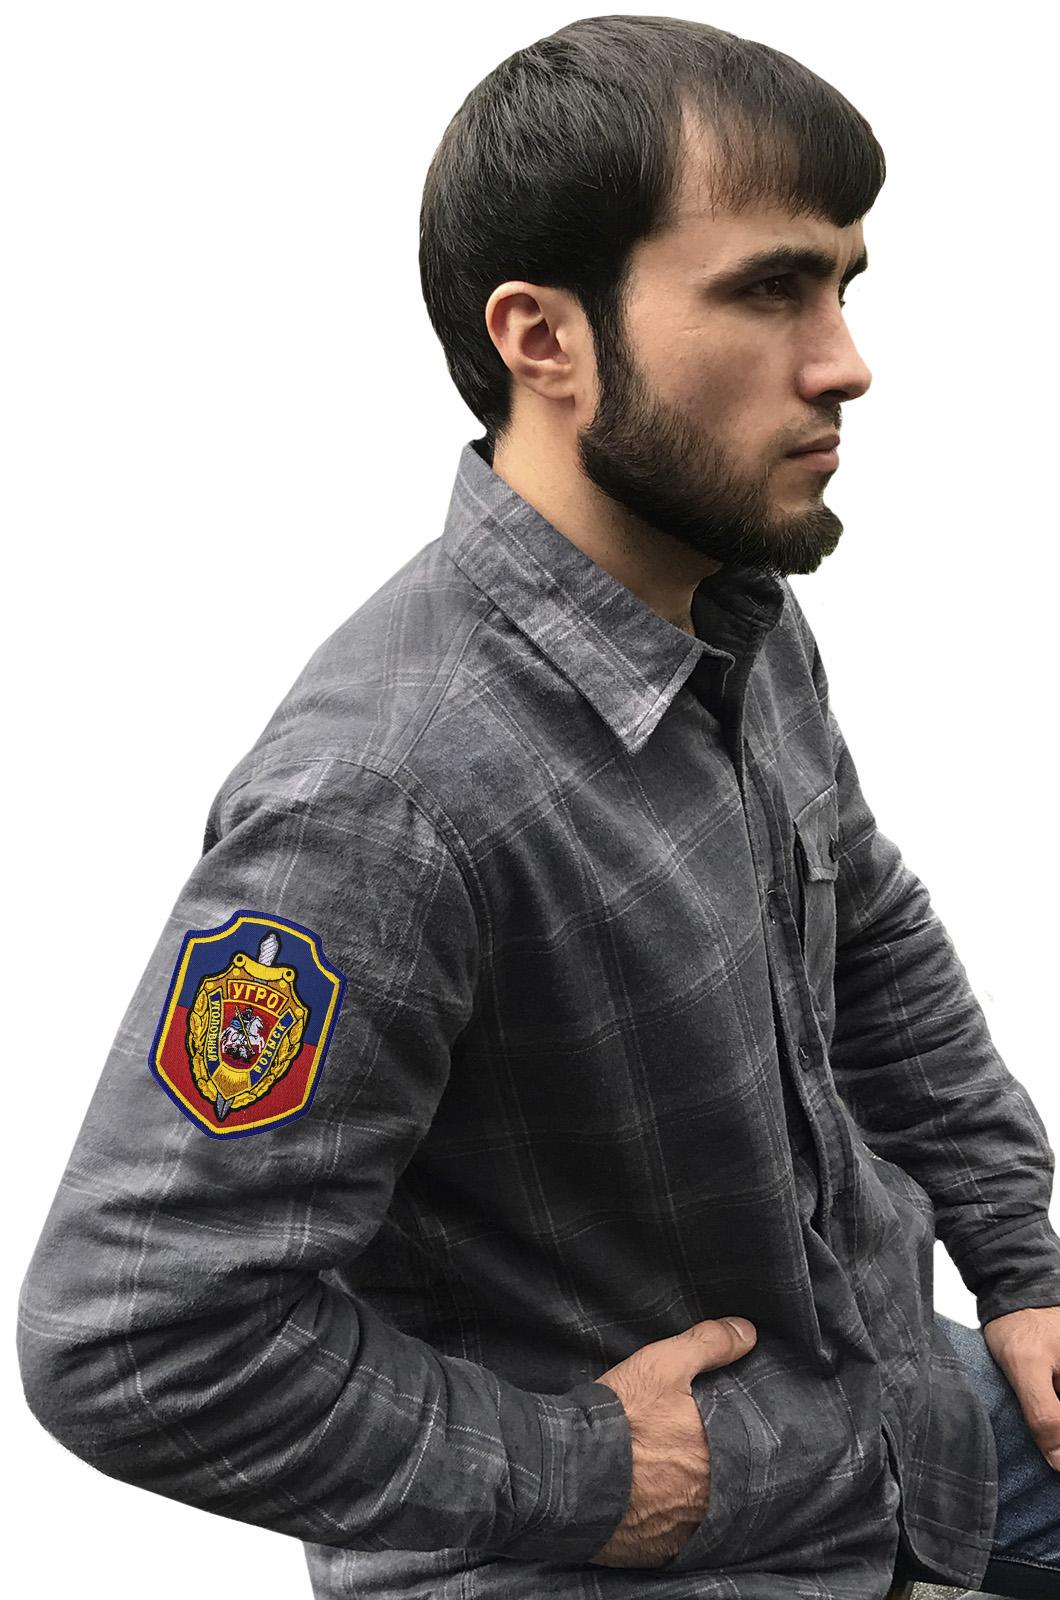 Мужская рубашка «Уголовный Розыск»